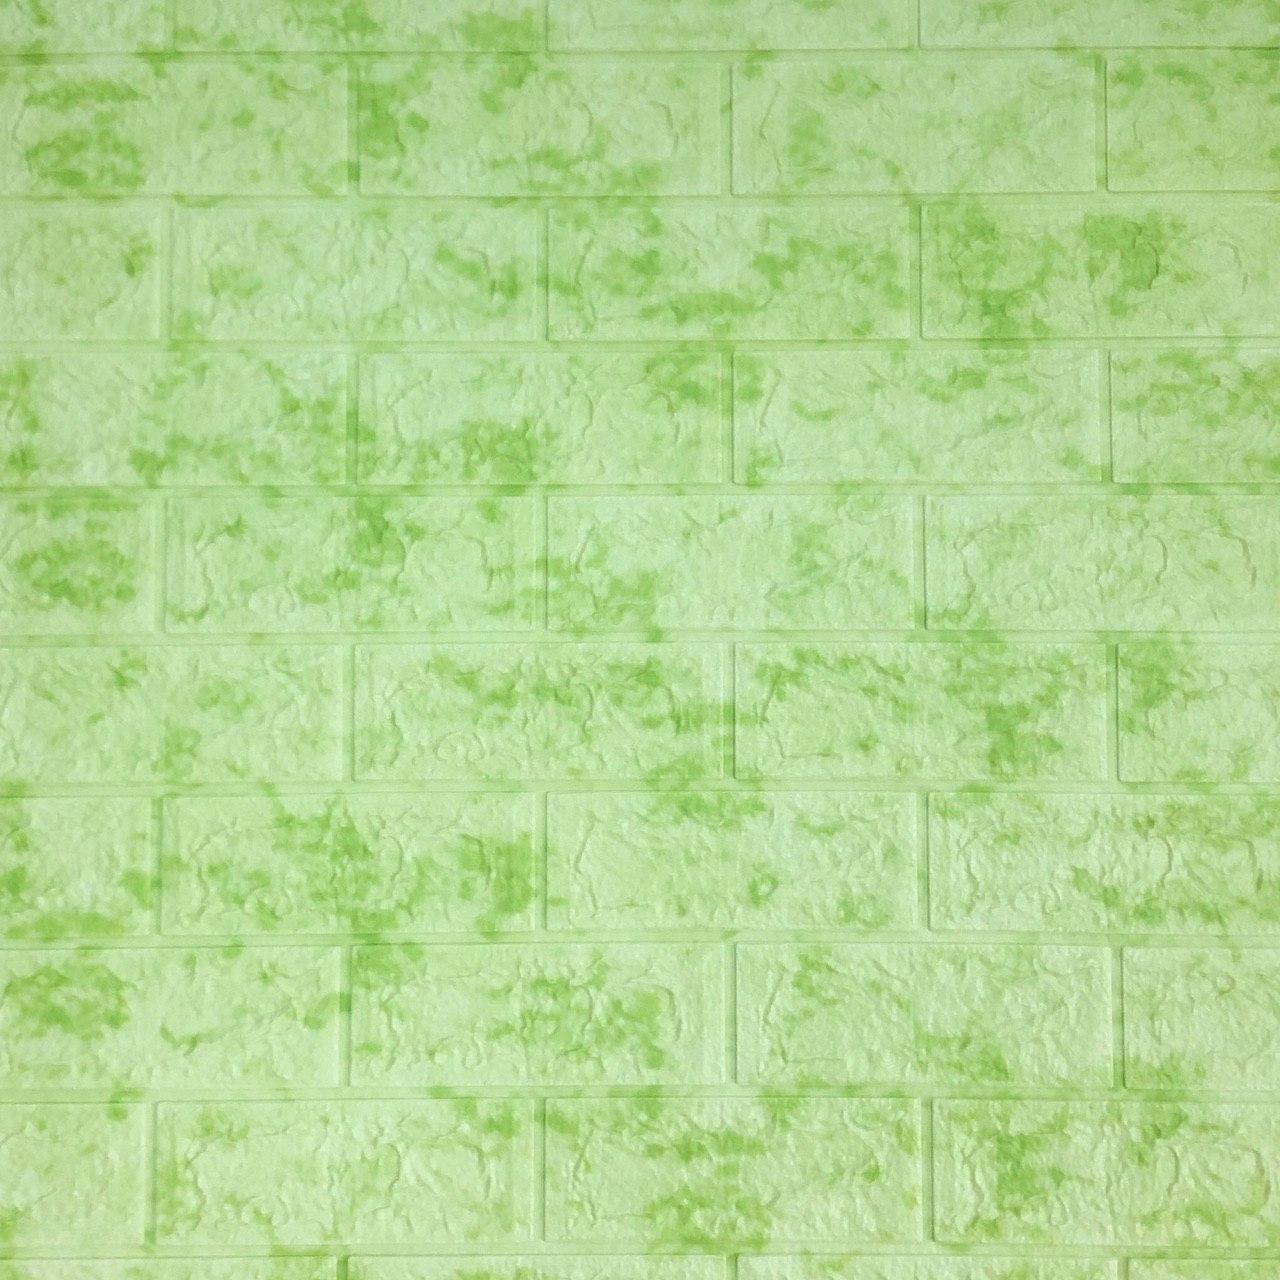 Самоклеюча декоративна 3D панель зелений мармур 700х770х5мм (самоклейка, М'які Панелі)